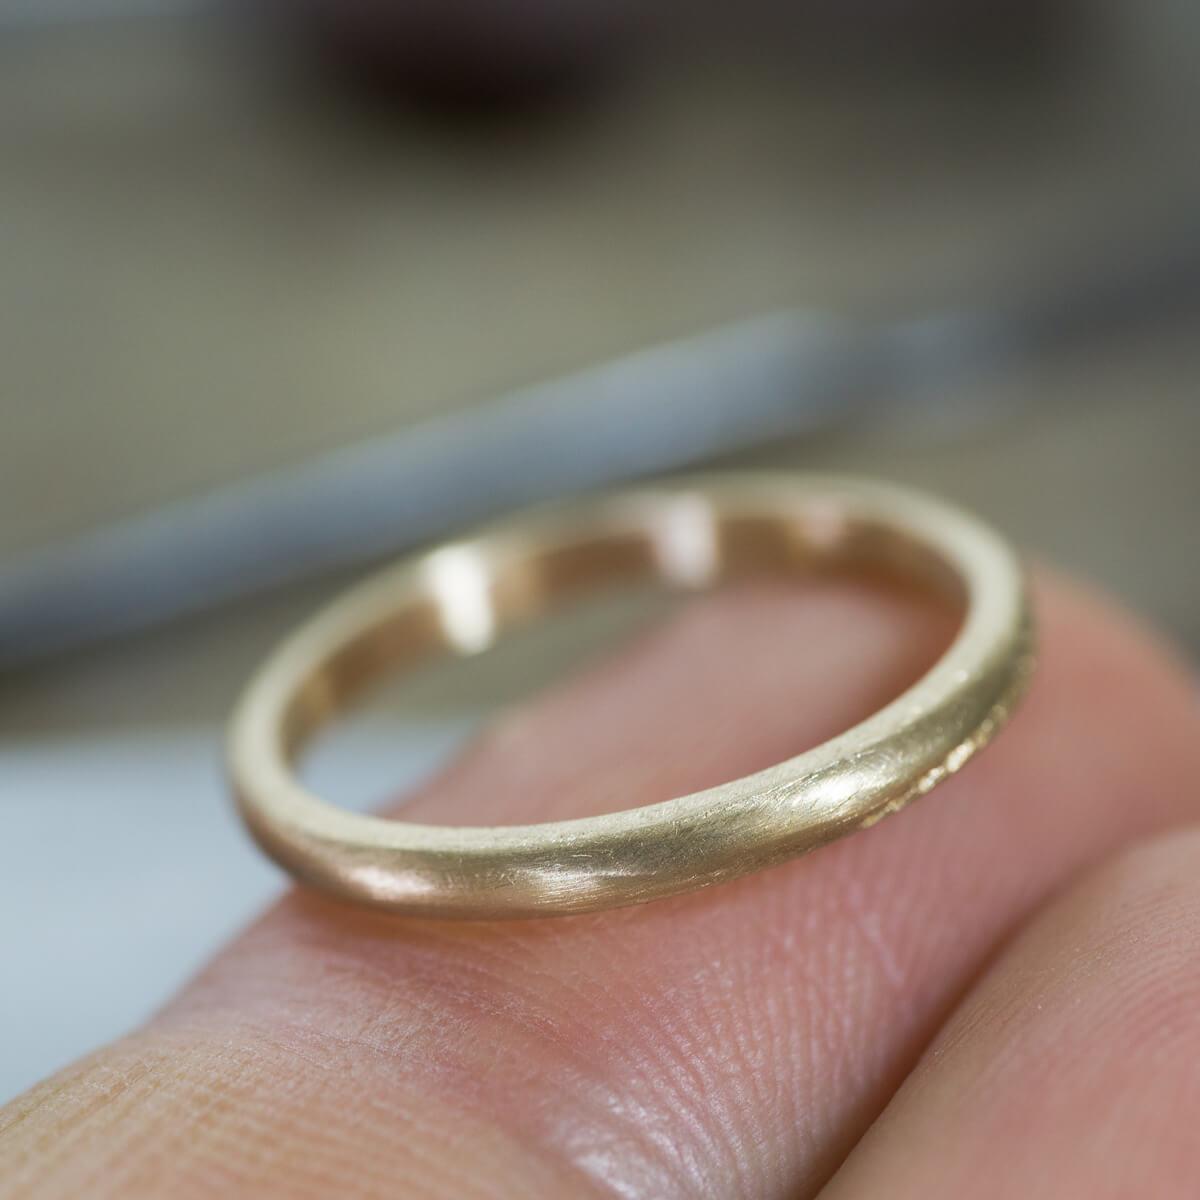 オーダーメイドマリッジリングの制作風景 ジュエリーのアトリエ 手のひらにゴールドリング 屋久島でつくる結婚指輪